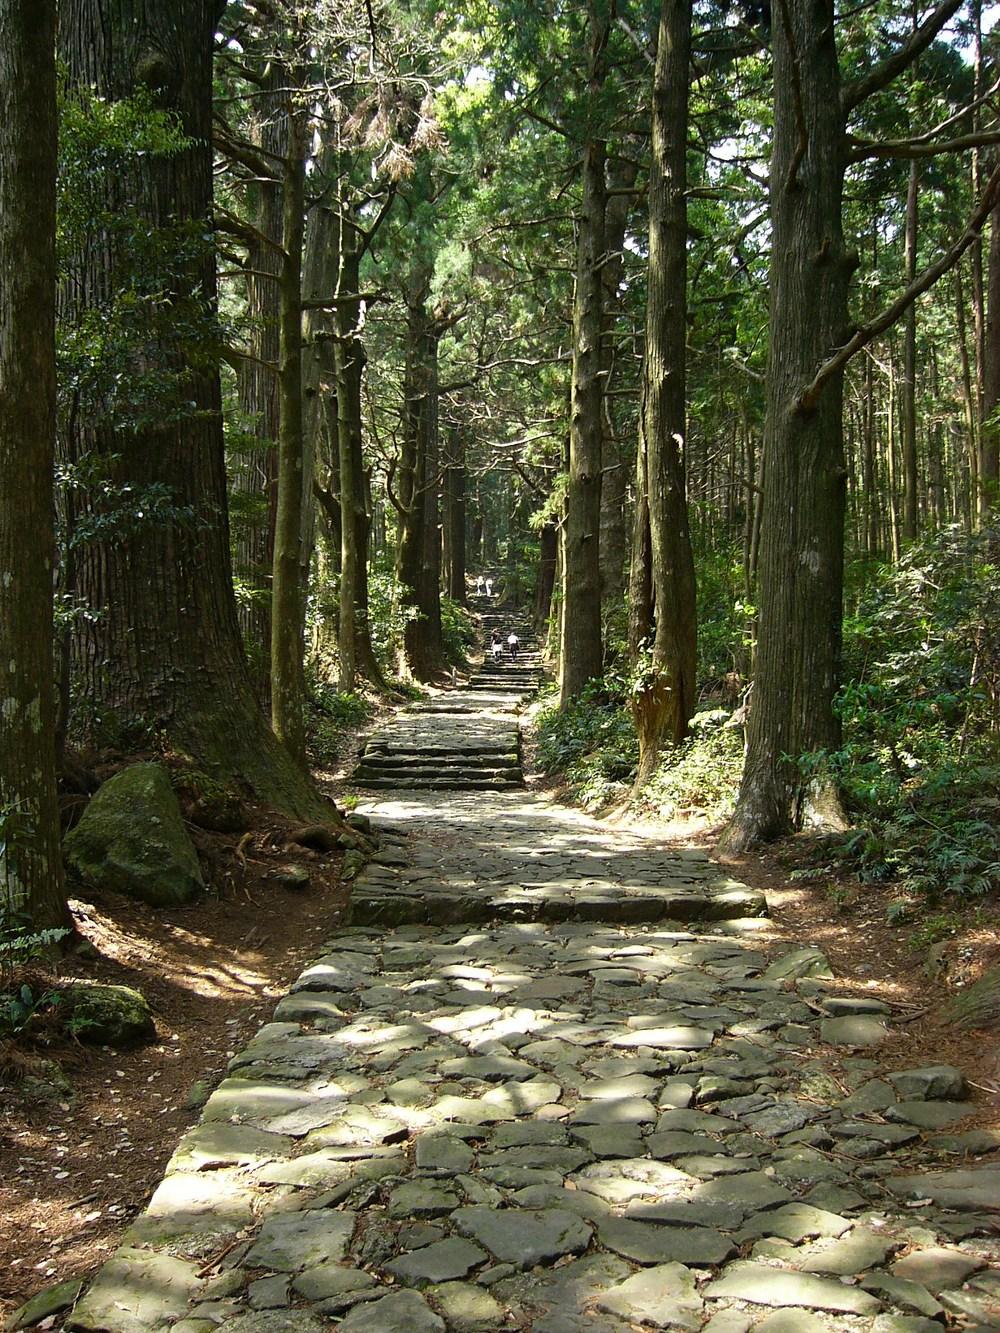 【世界遺産】意外と知らない国内世界遺産「紀伊山地の霊場」に関するまとめ